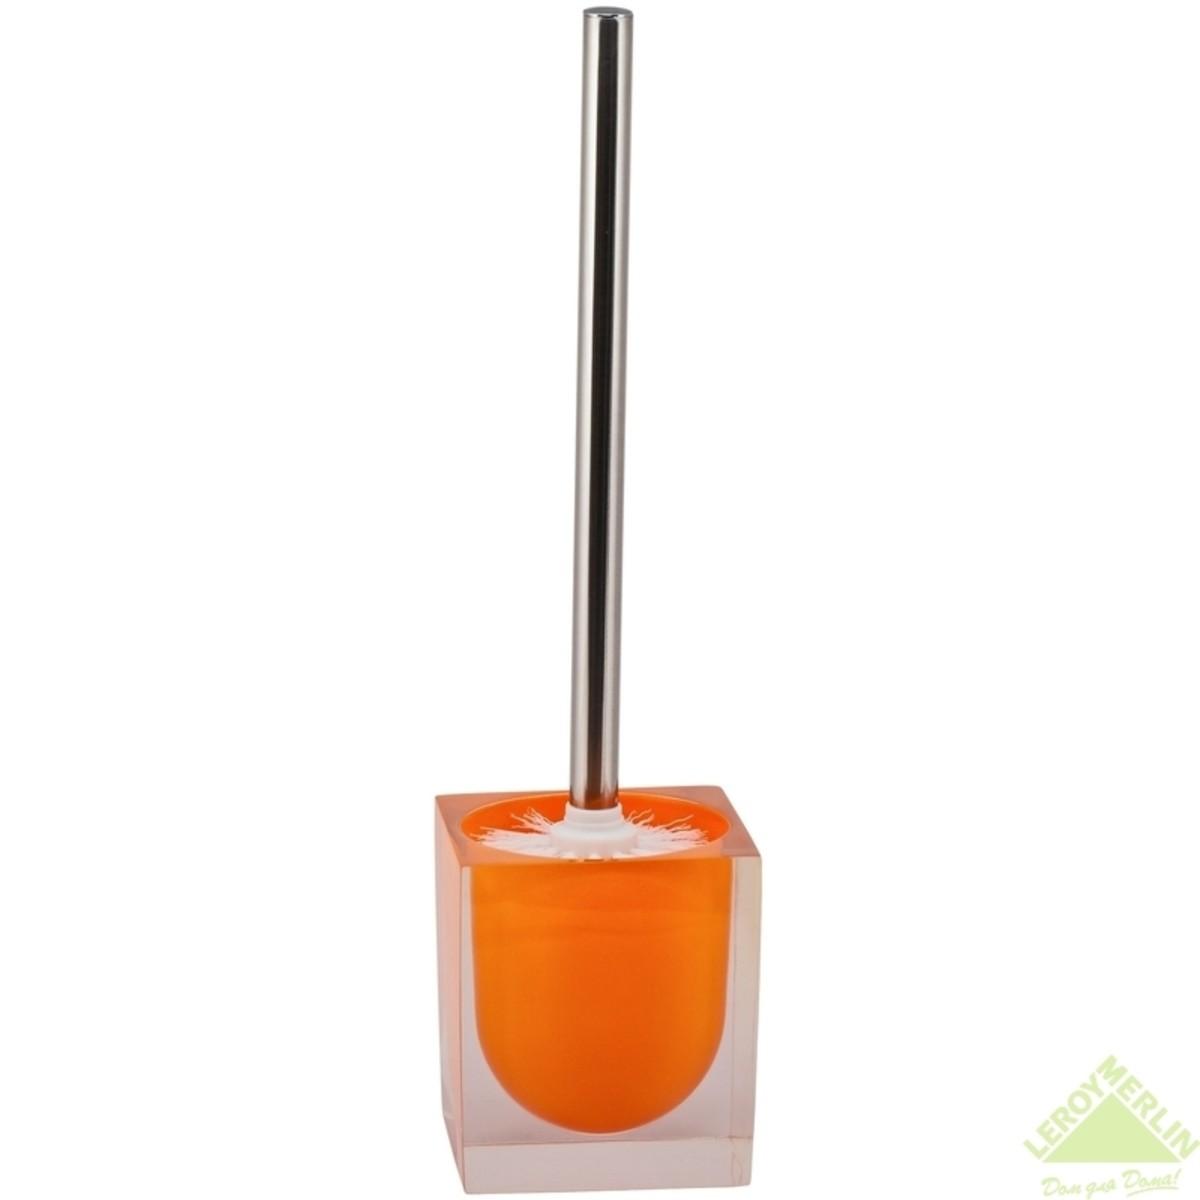 Ершик для унитаза Кристалл напольный из полирезина оранжевый